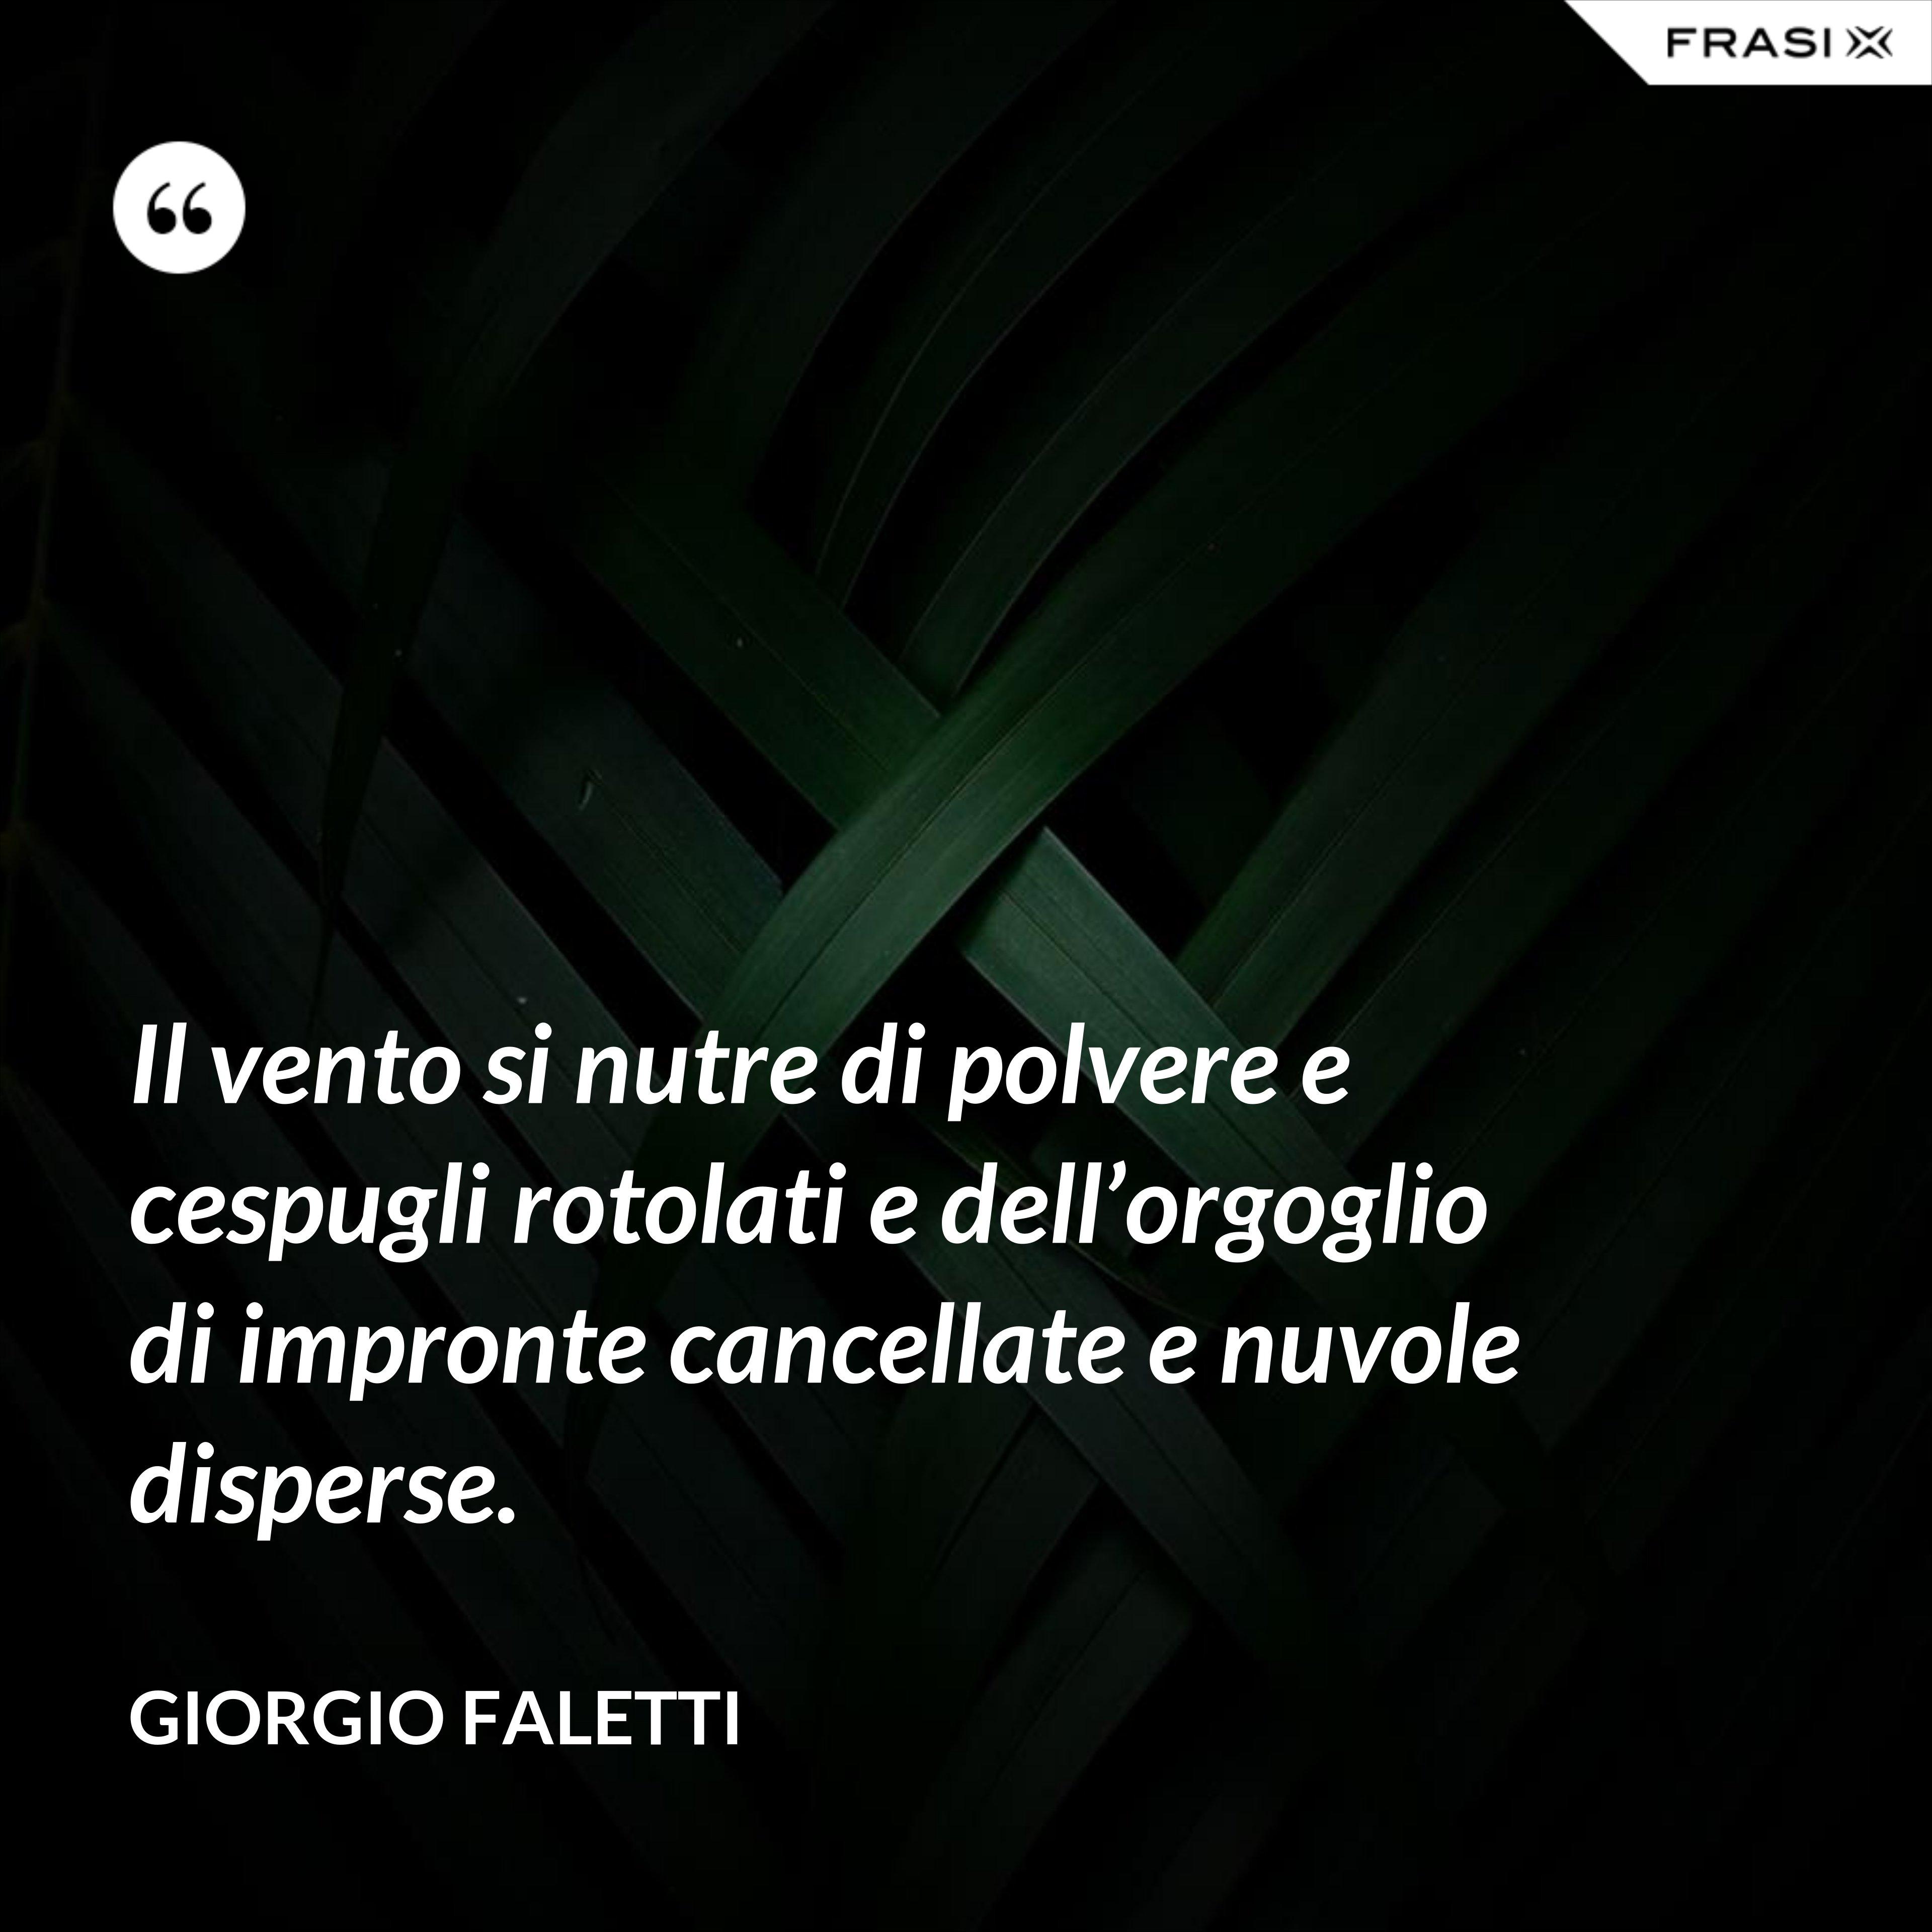 Il vento si nutre di polvere e cespugli rotolati e dell'orgoglio di impronte cancellate e nuvole disperse. - Giorgio Faletti